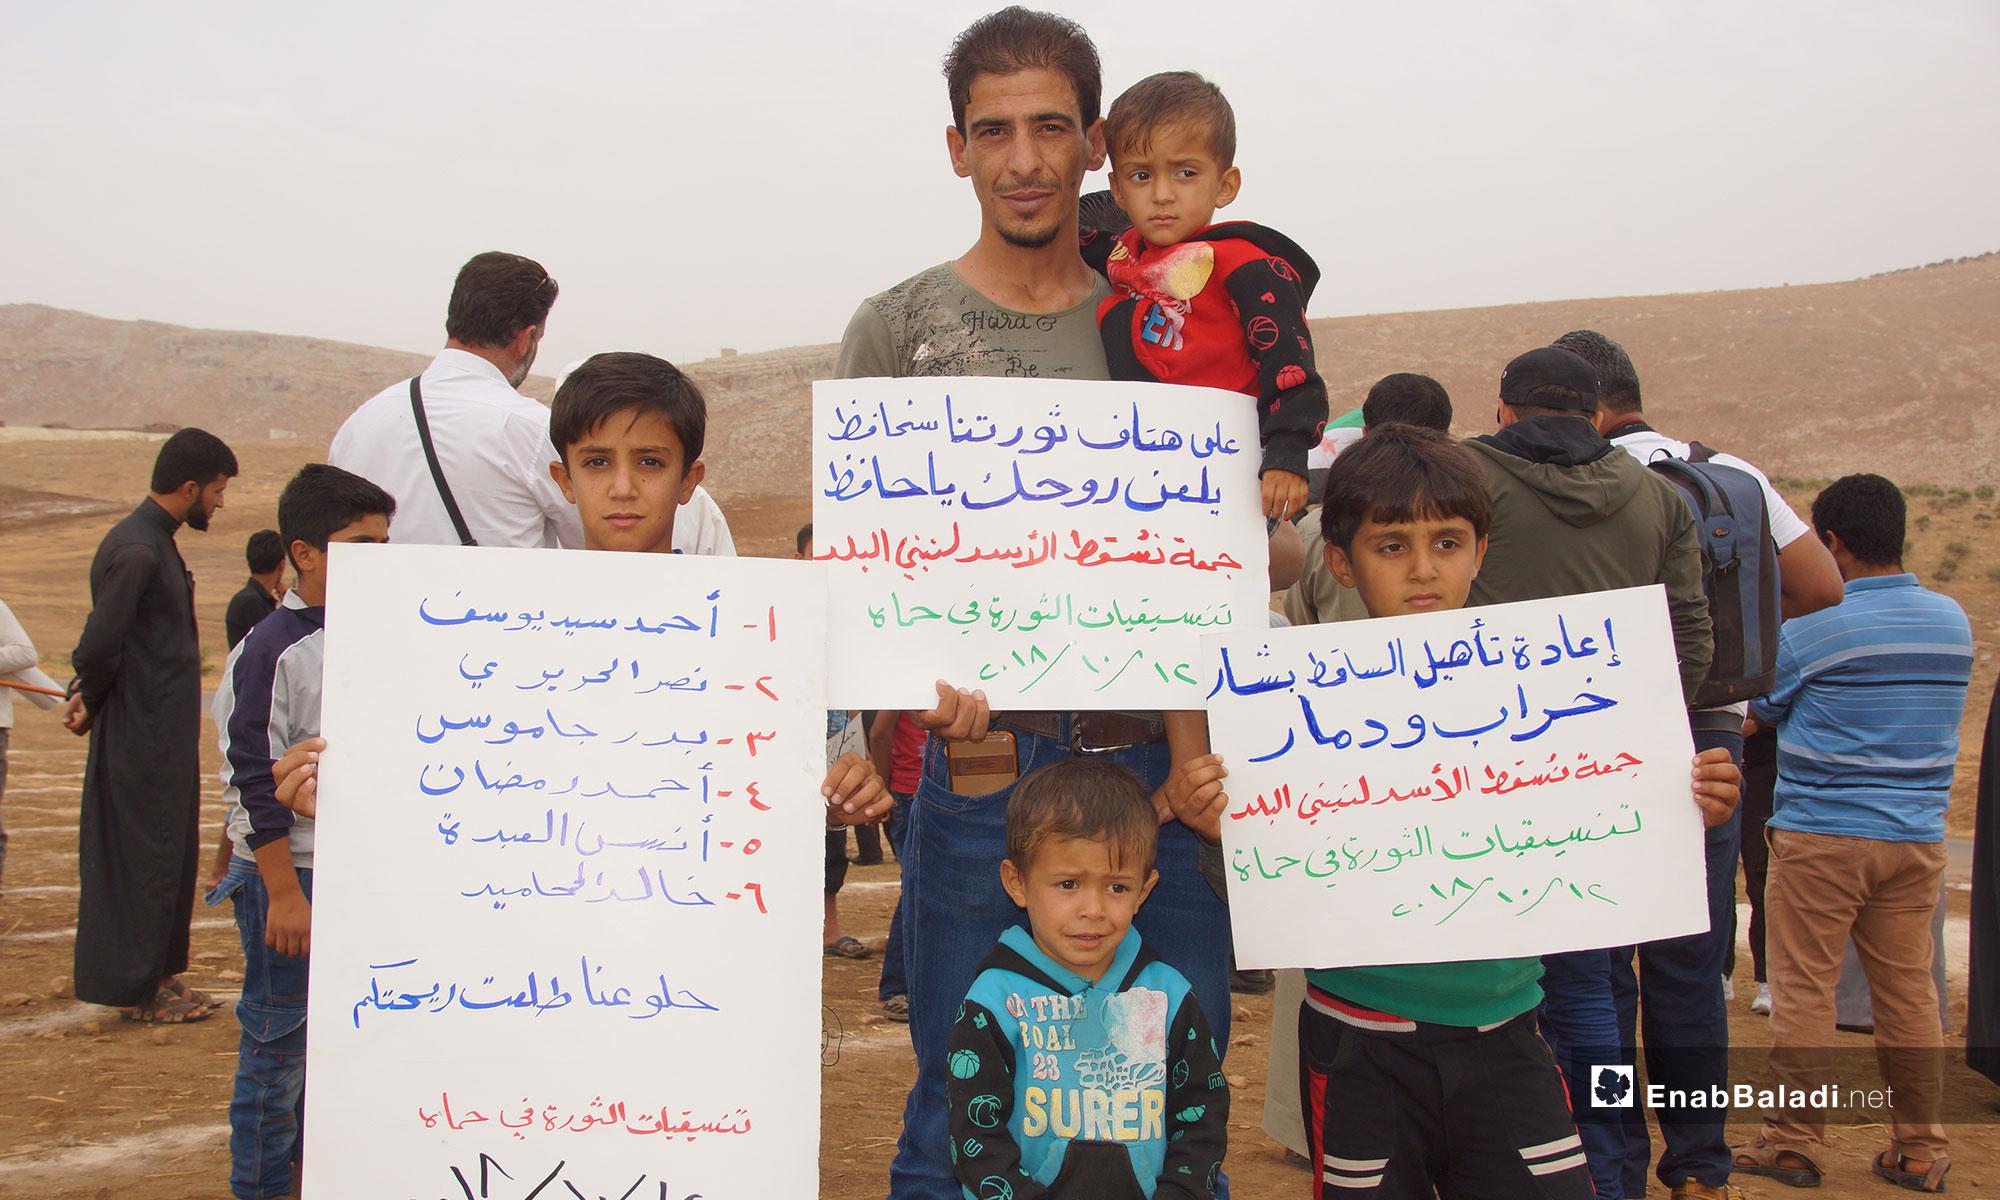 مظاهرة في جبل شحشبو بريف حماة تضامنًأ مع مخيم الركبان - 12 من تشرين الأول 2018 (عنب بلدي)